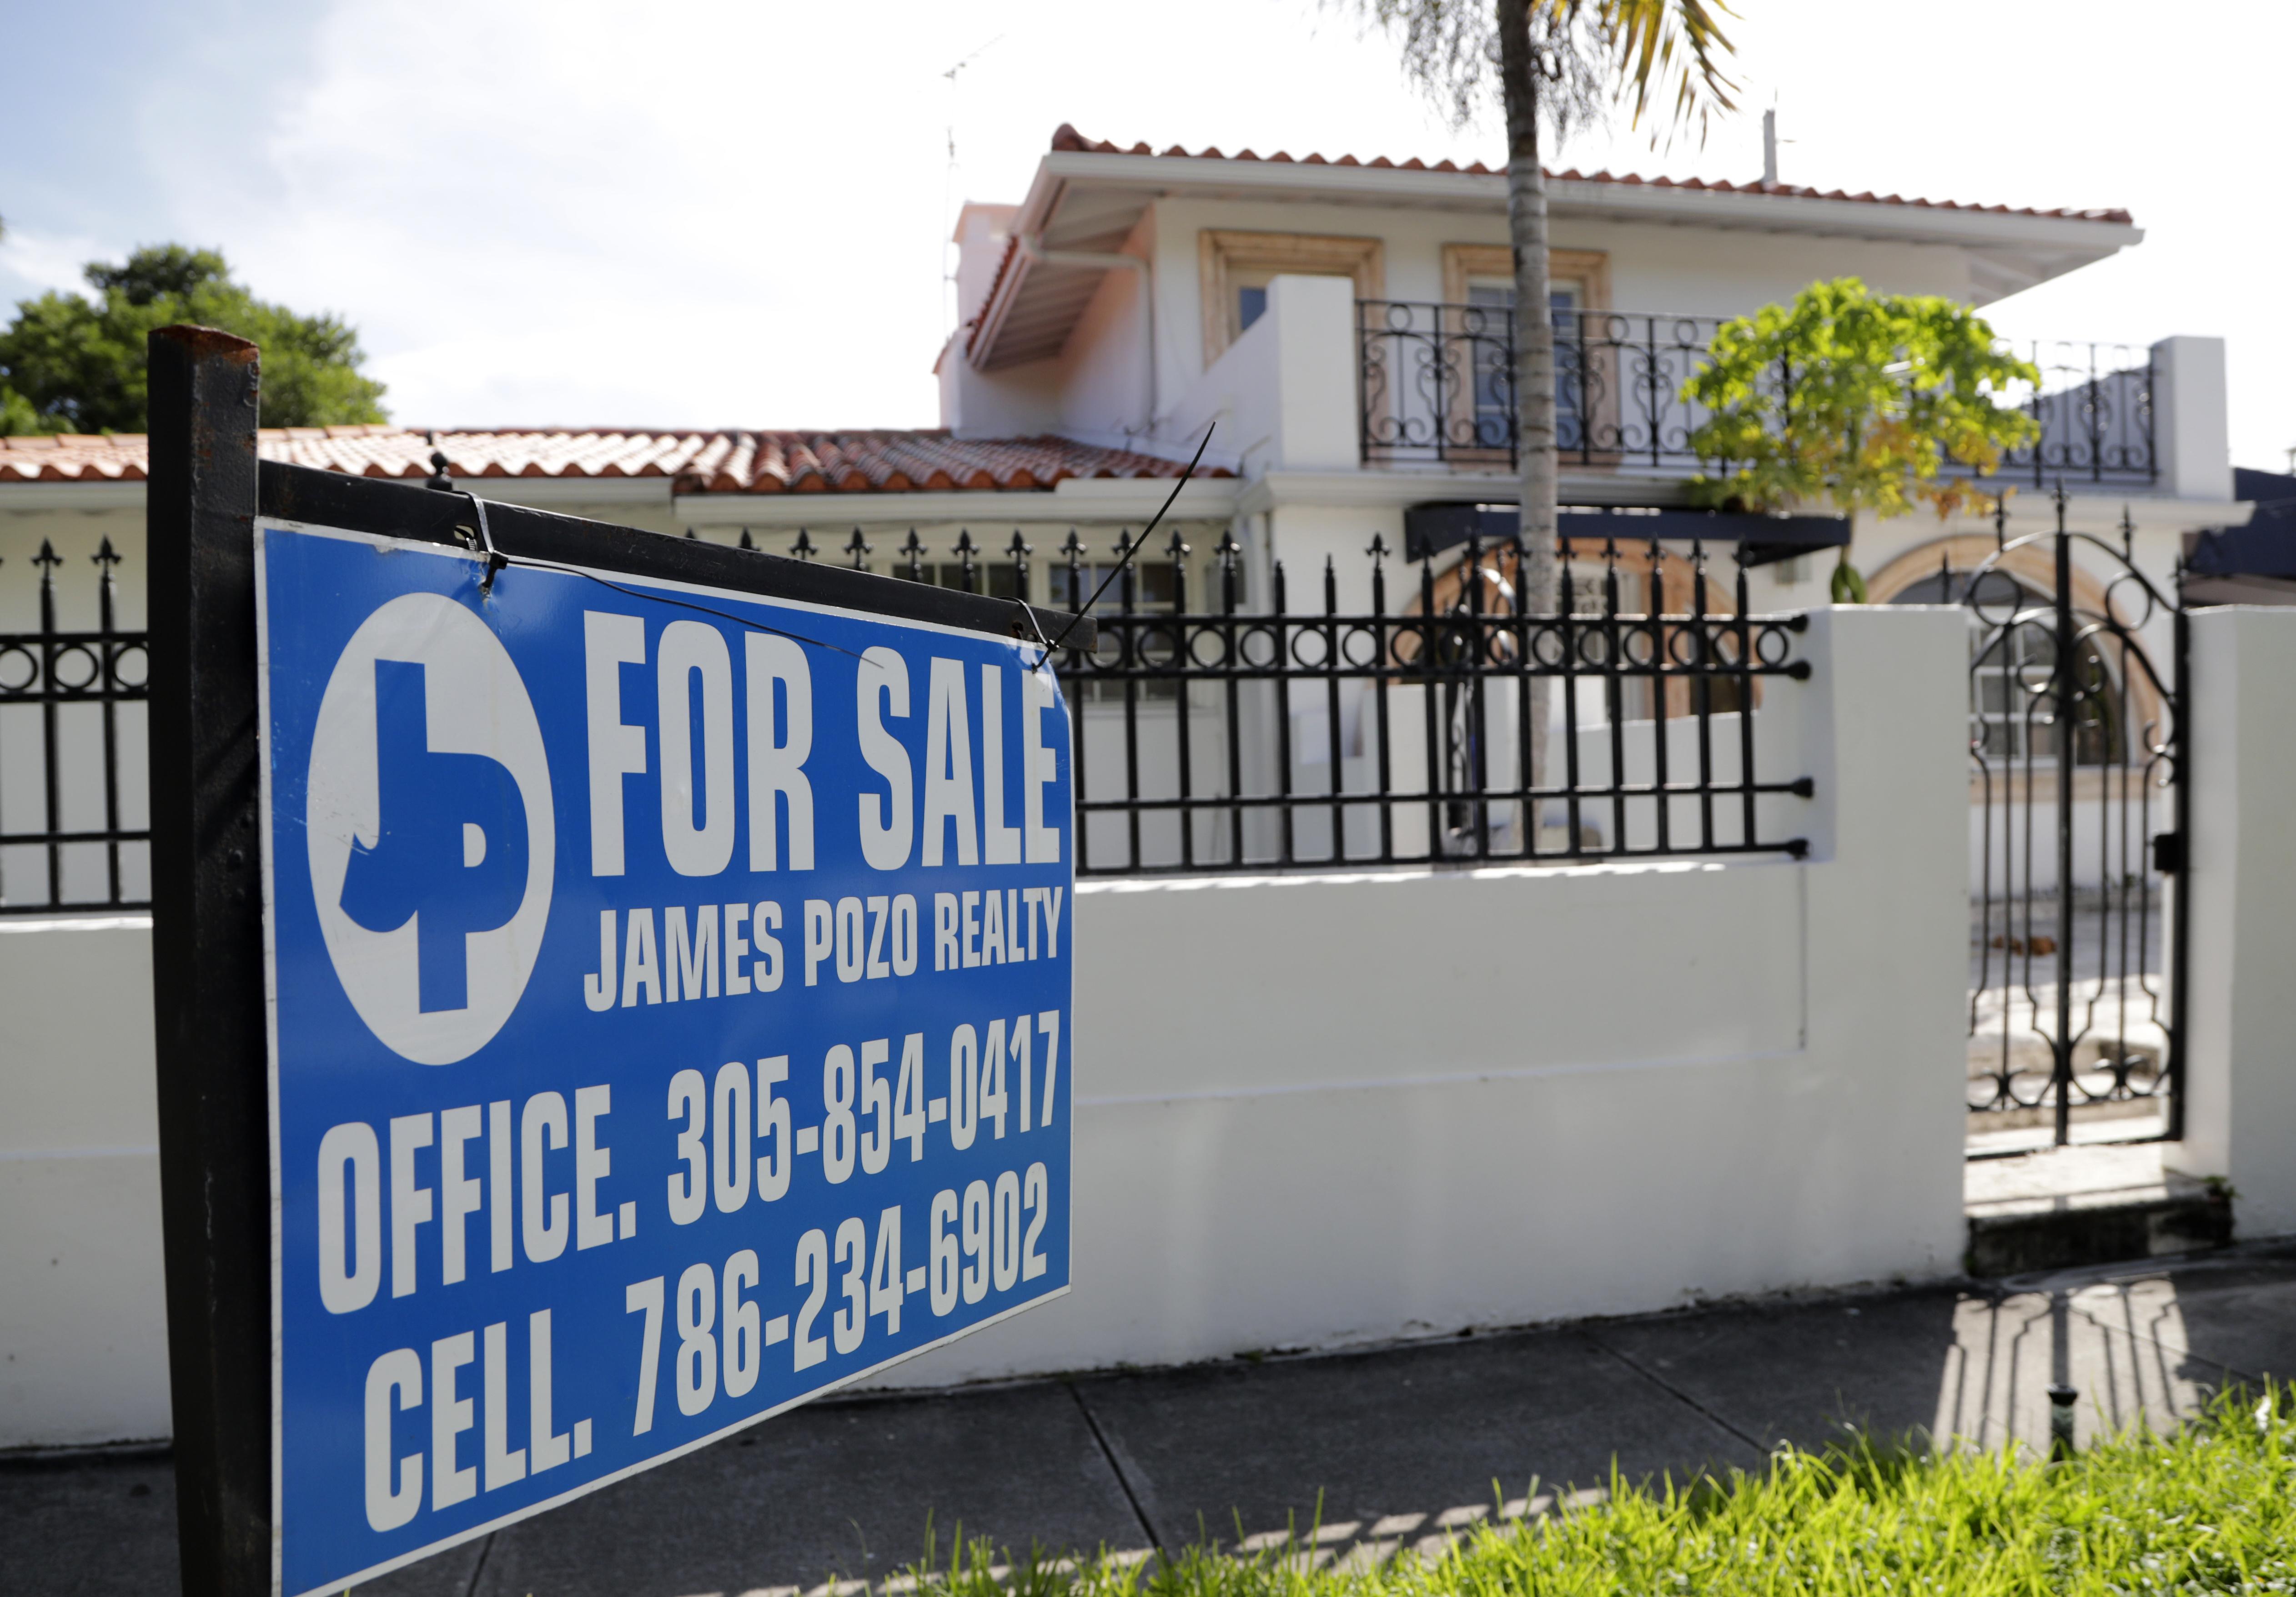 US long-term mortgage rates fall; 30-year average at 3.75%